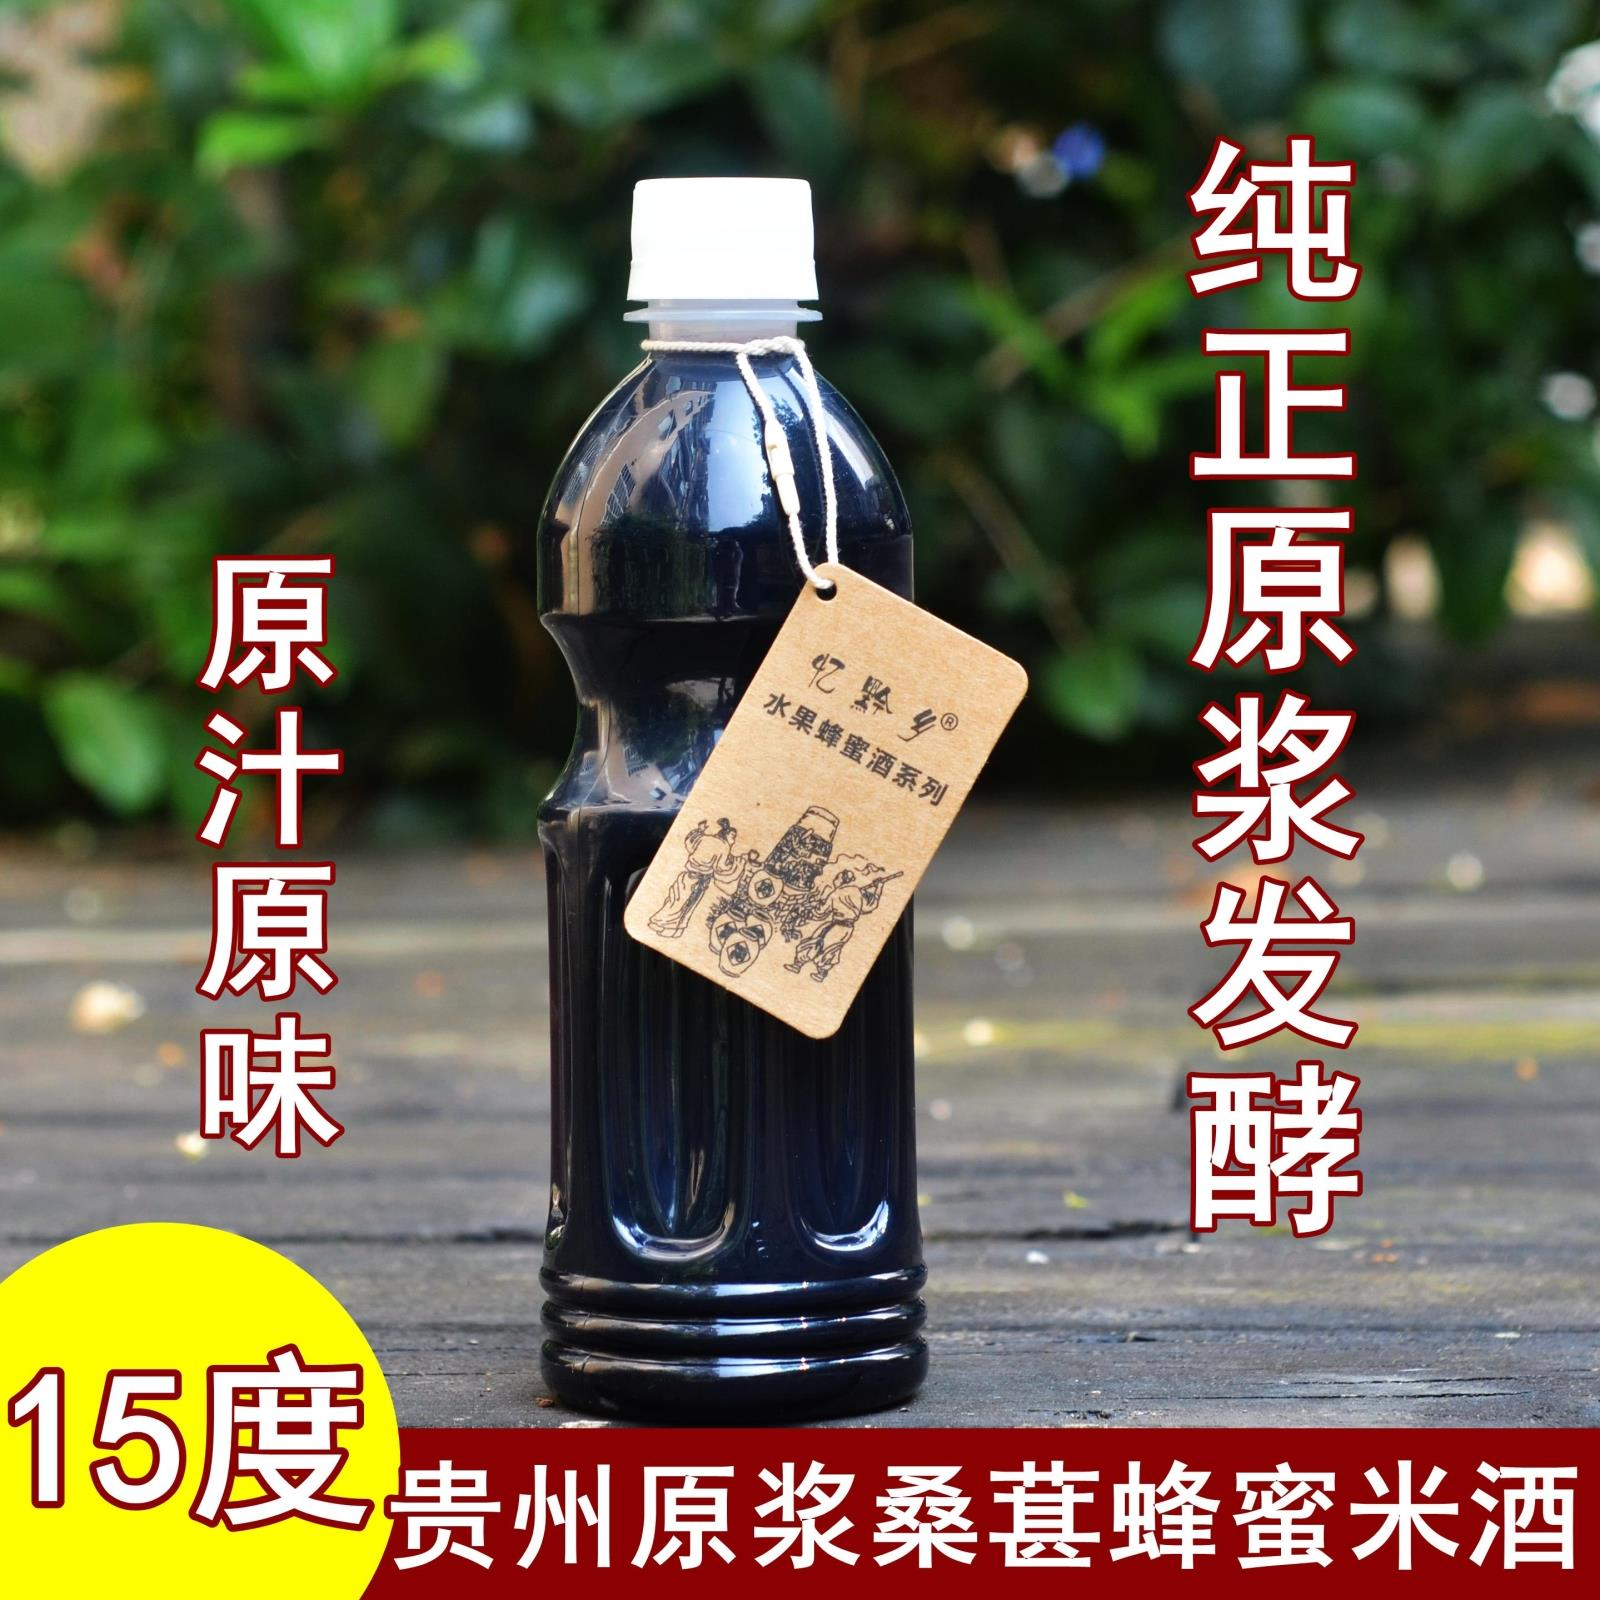 忆黔乡 贵州桑葚米酒 桑葚蜂蜜酒桑椹酒桑果月子酒 5件包邮  500M